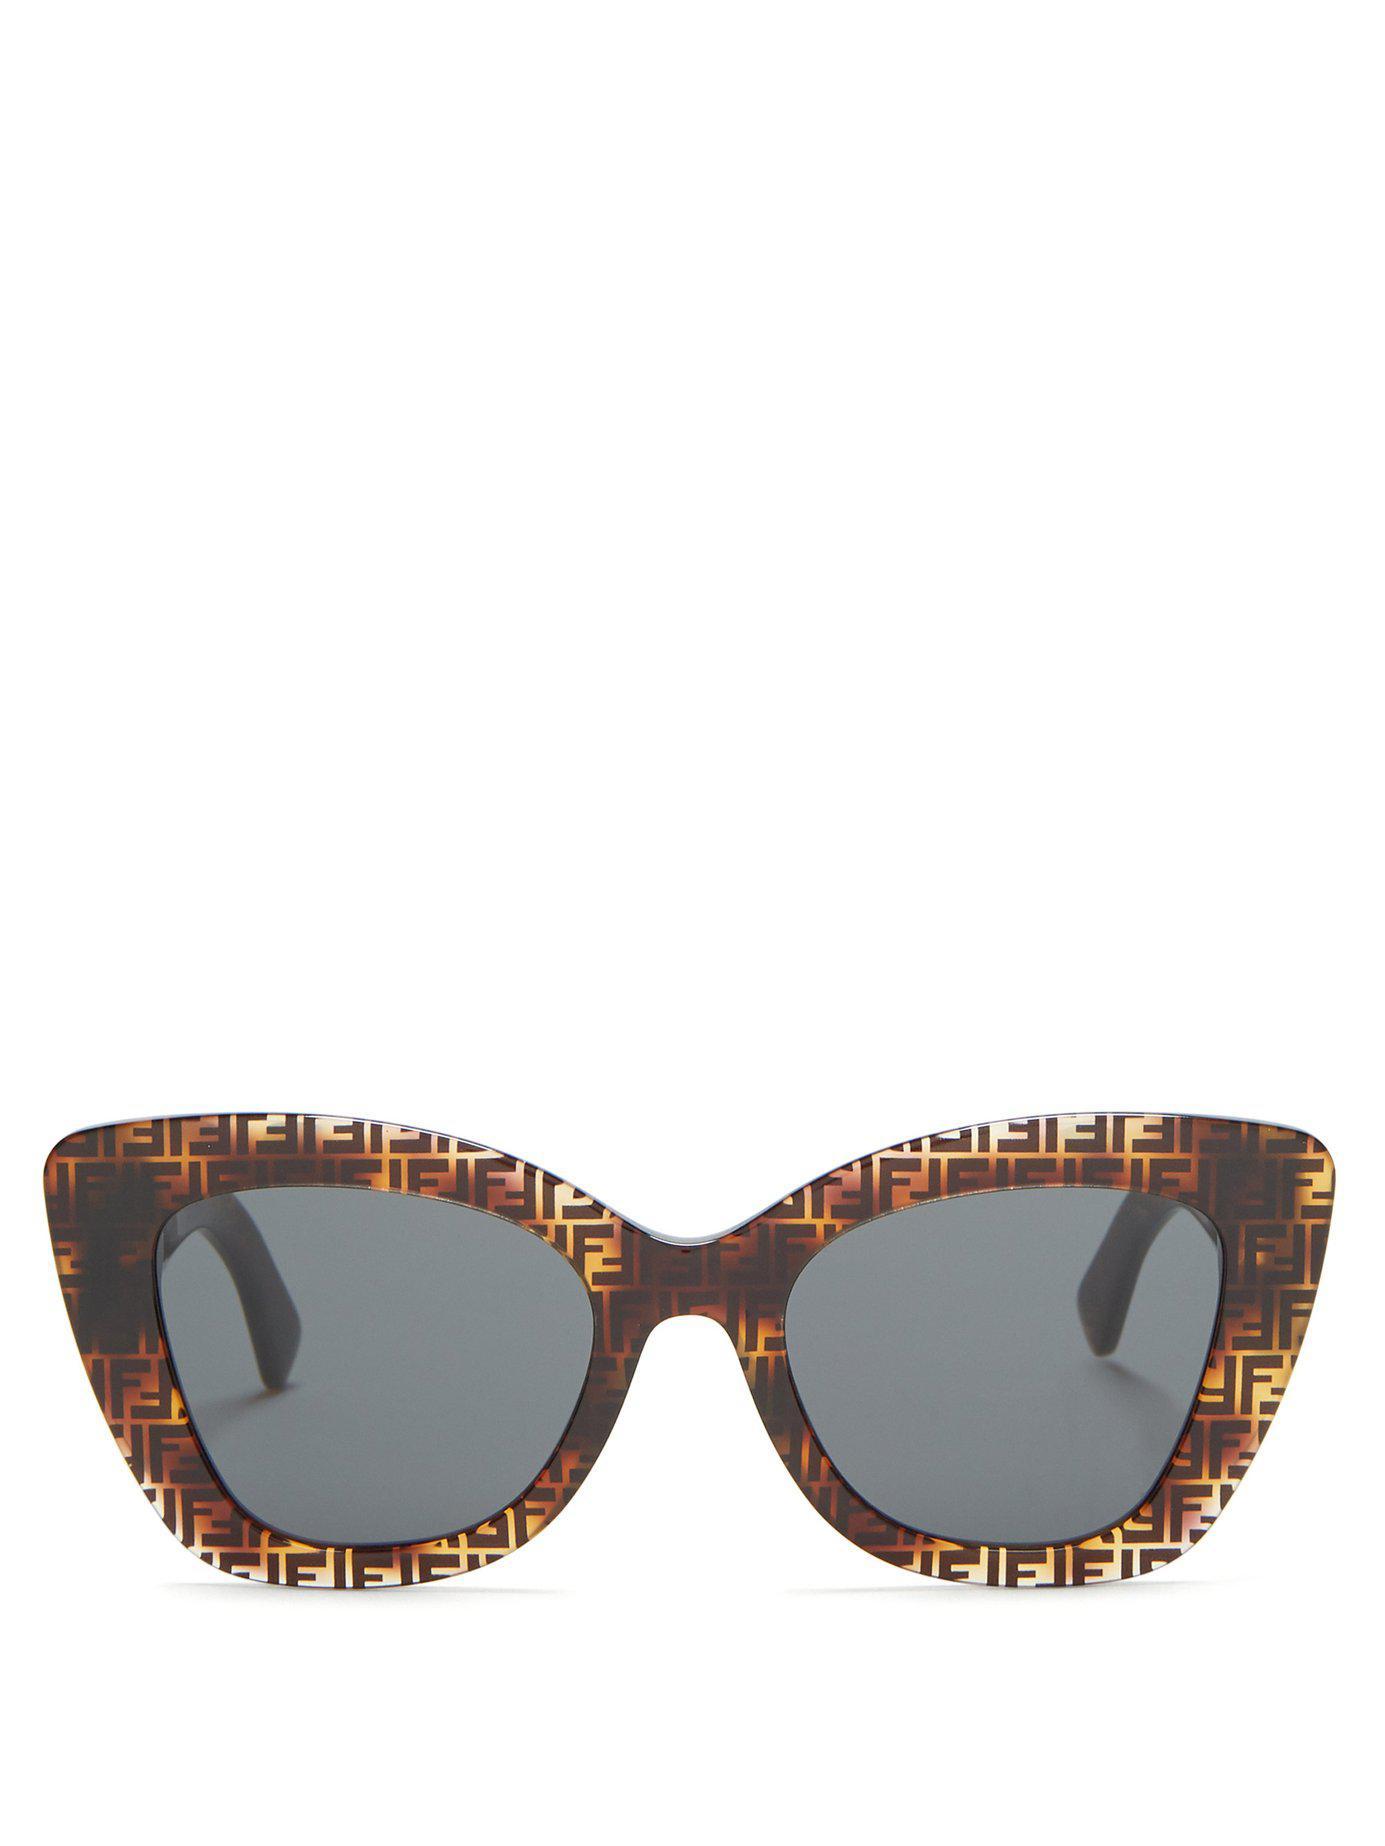 169e5d70066 Lyst - Fendi Ff Acetate Cat Eye Sunglasses in Brown